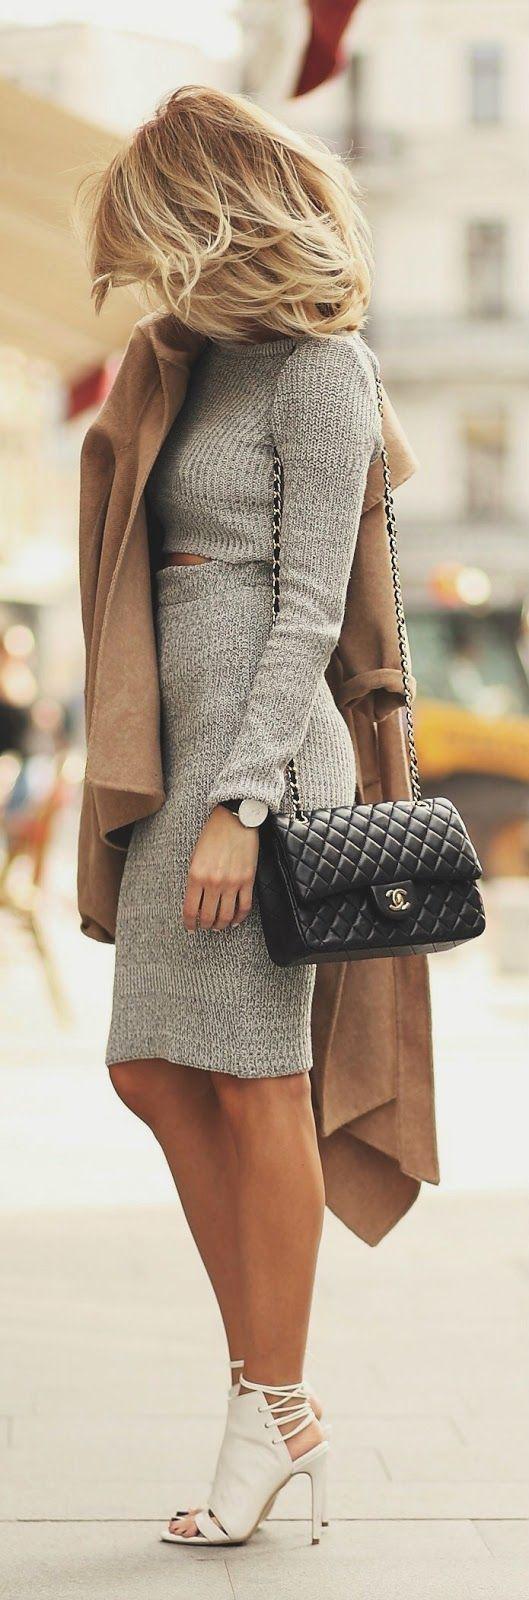 Two piece mid length skirt dress grey crop sweater dress